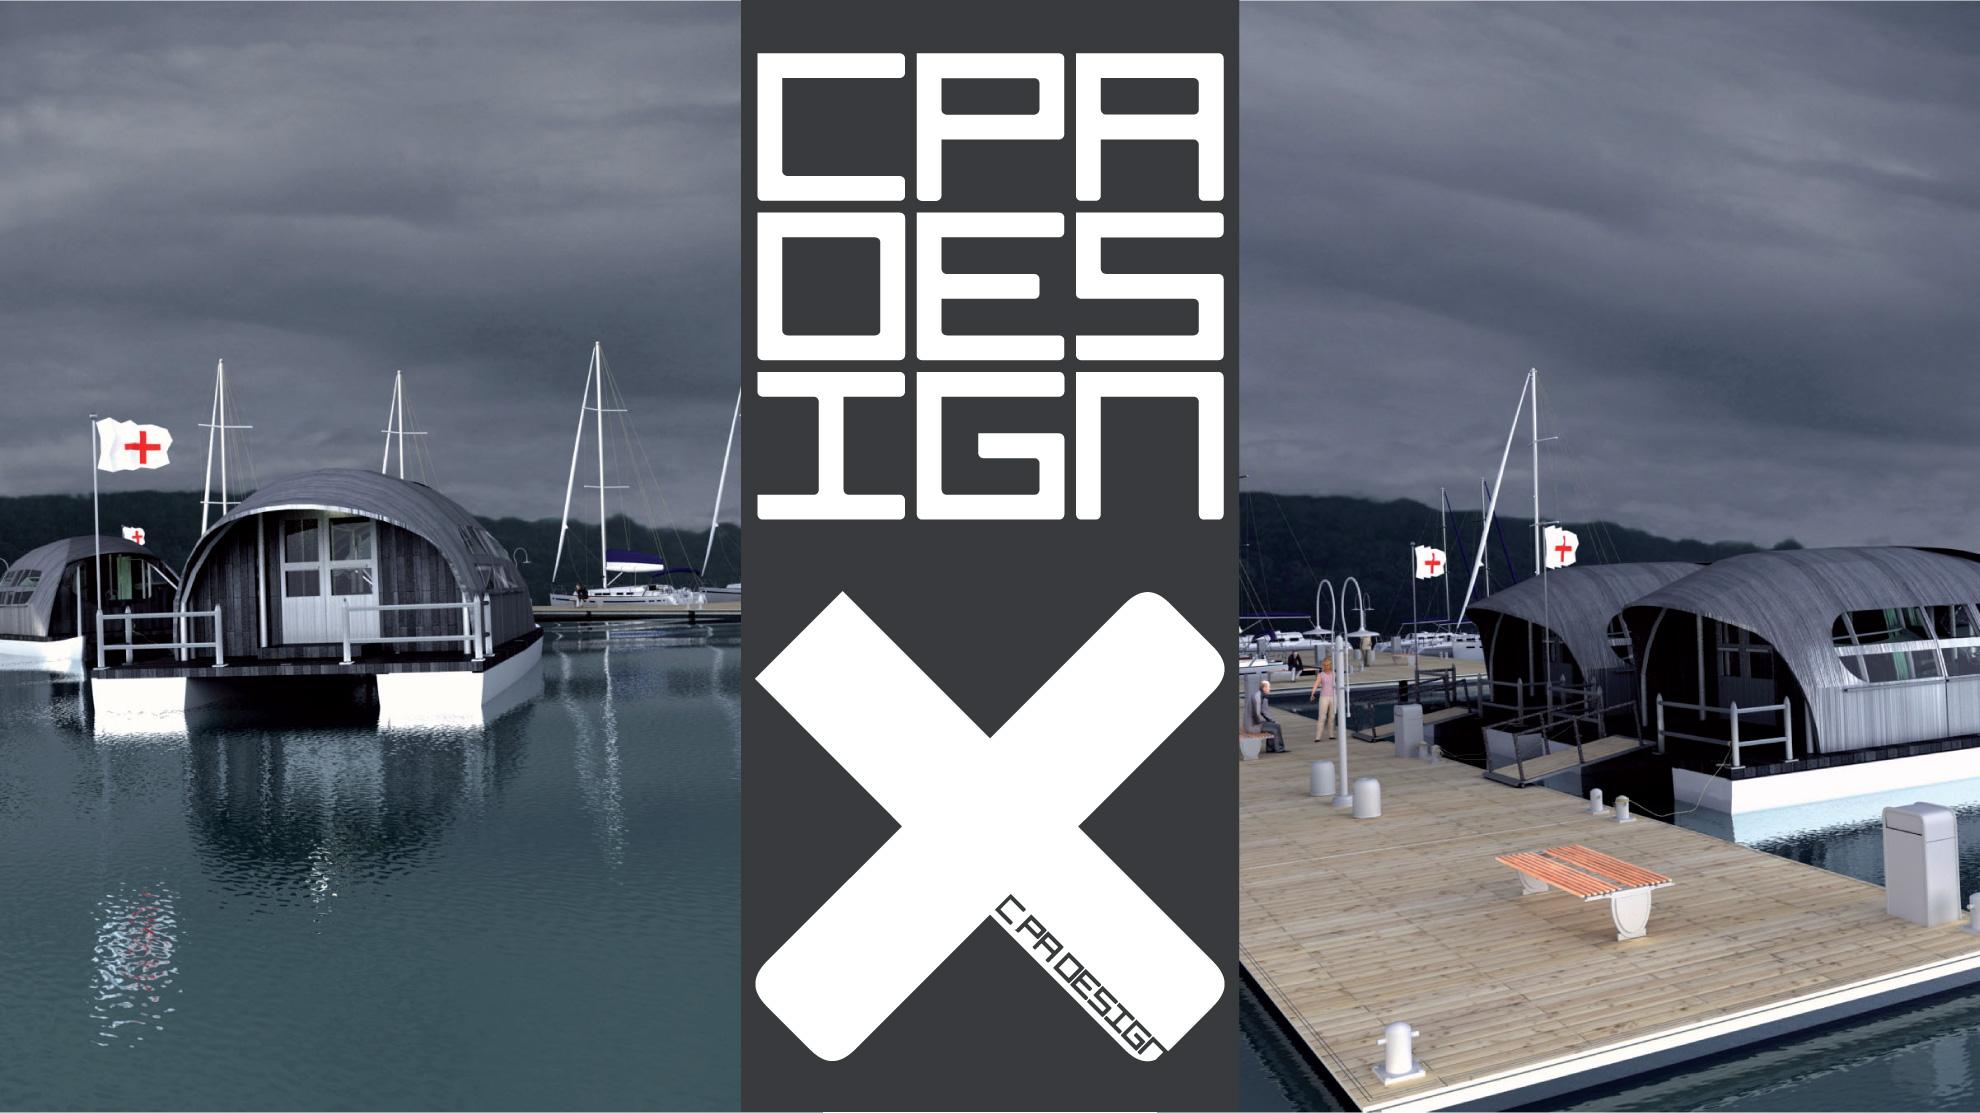 c_pa_design_produit_insertion-crea-unique_recherche-humanitaire-innondation